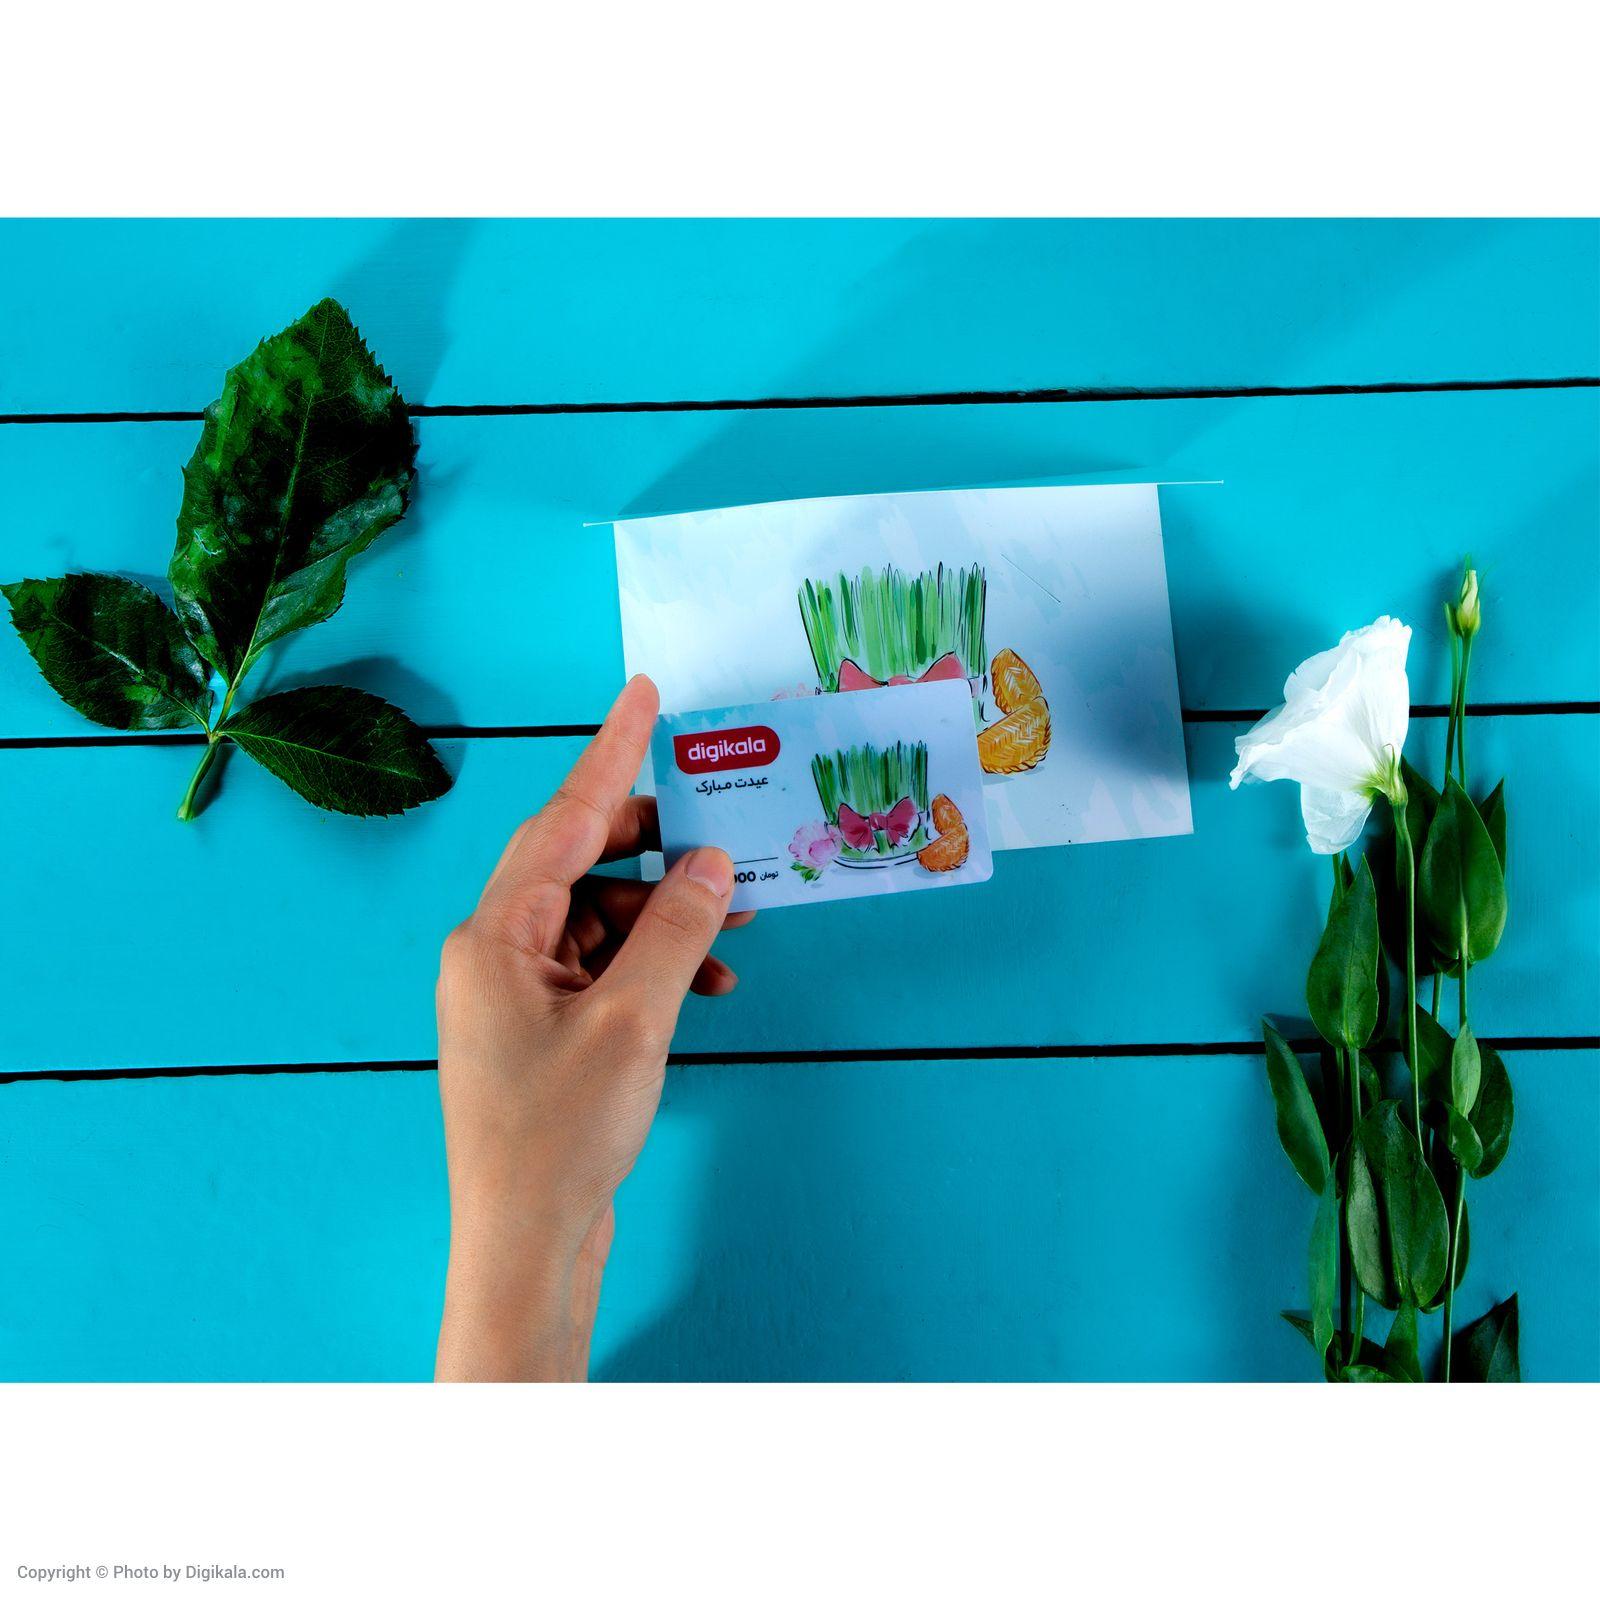 کارت هدیه دیجی کالا به ارزش 50,000 تومان طرح سبزه  main 1 4